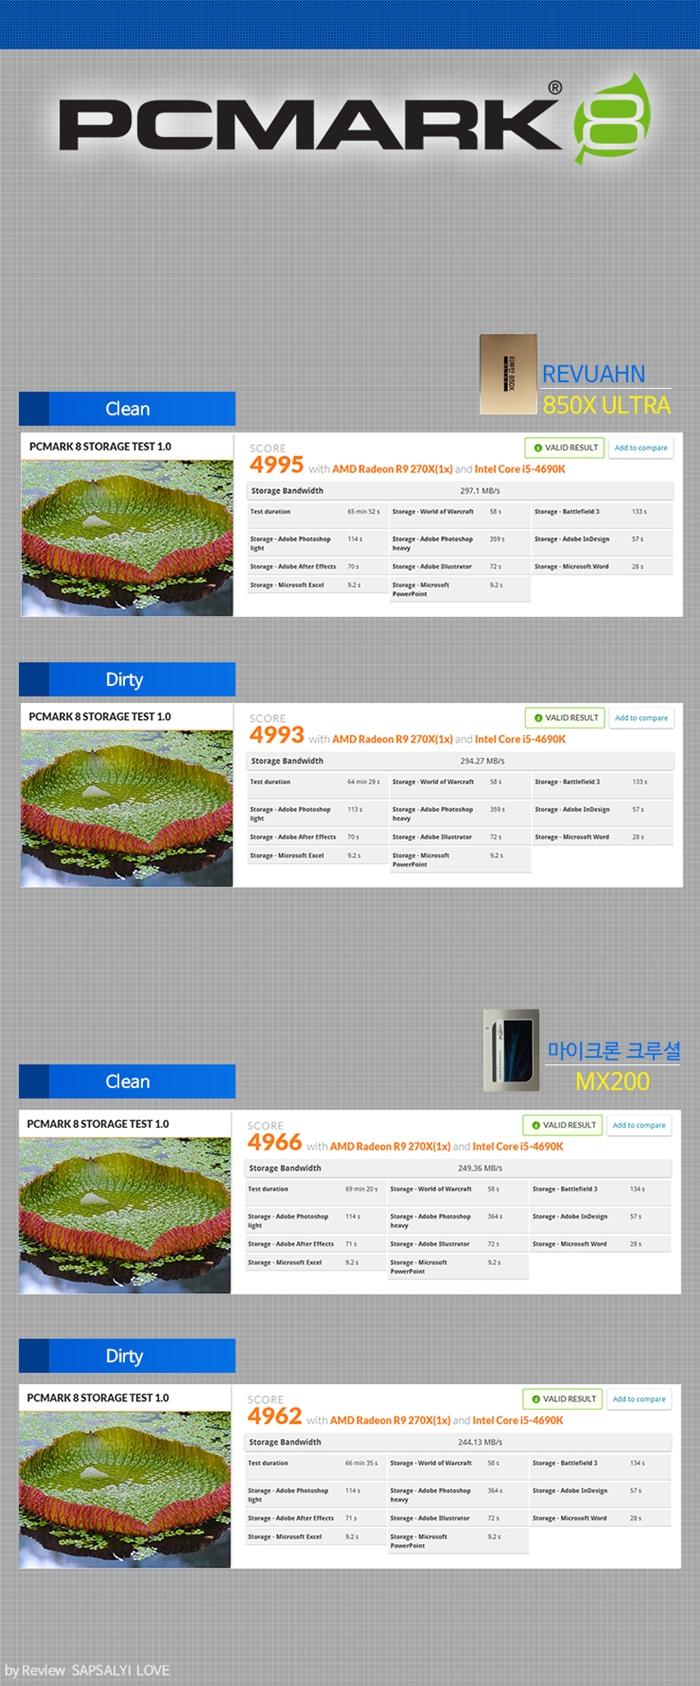 리뷰안 850X ULTRA (울트라) 성능3 SLC 낸드 플래시 SSD 추천.jpg